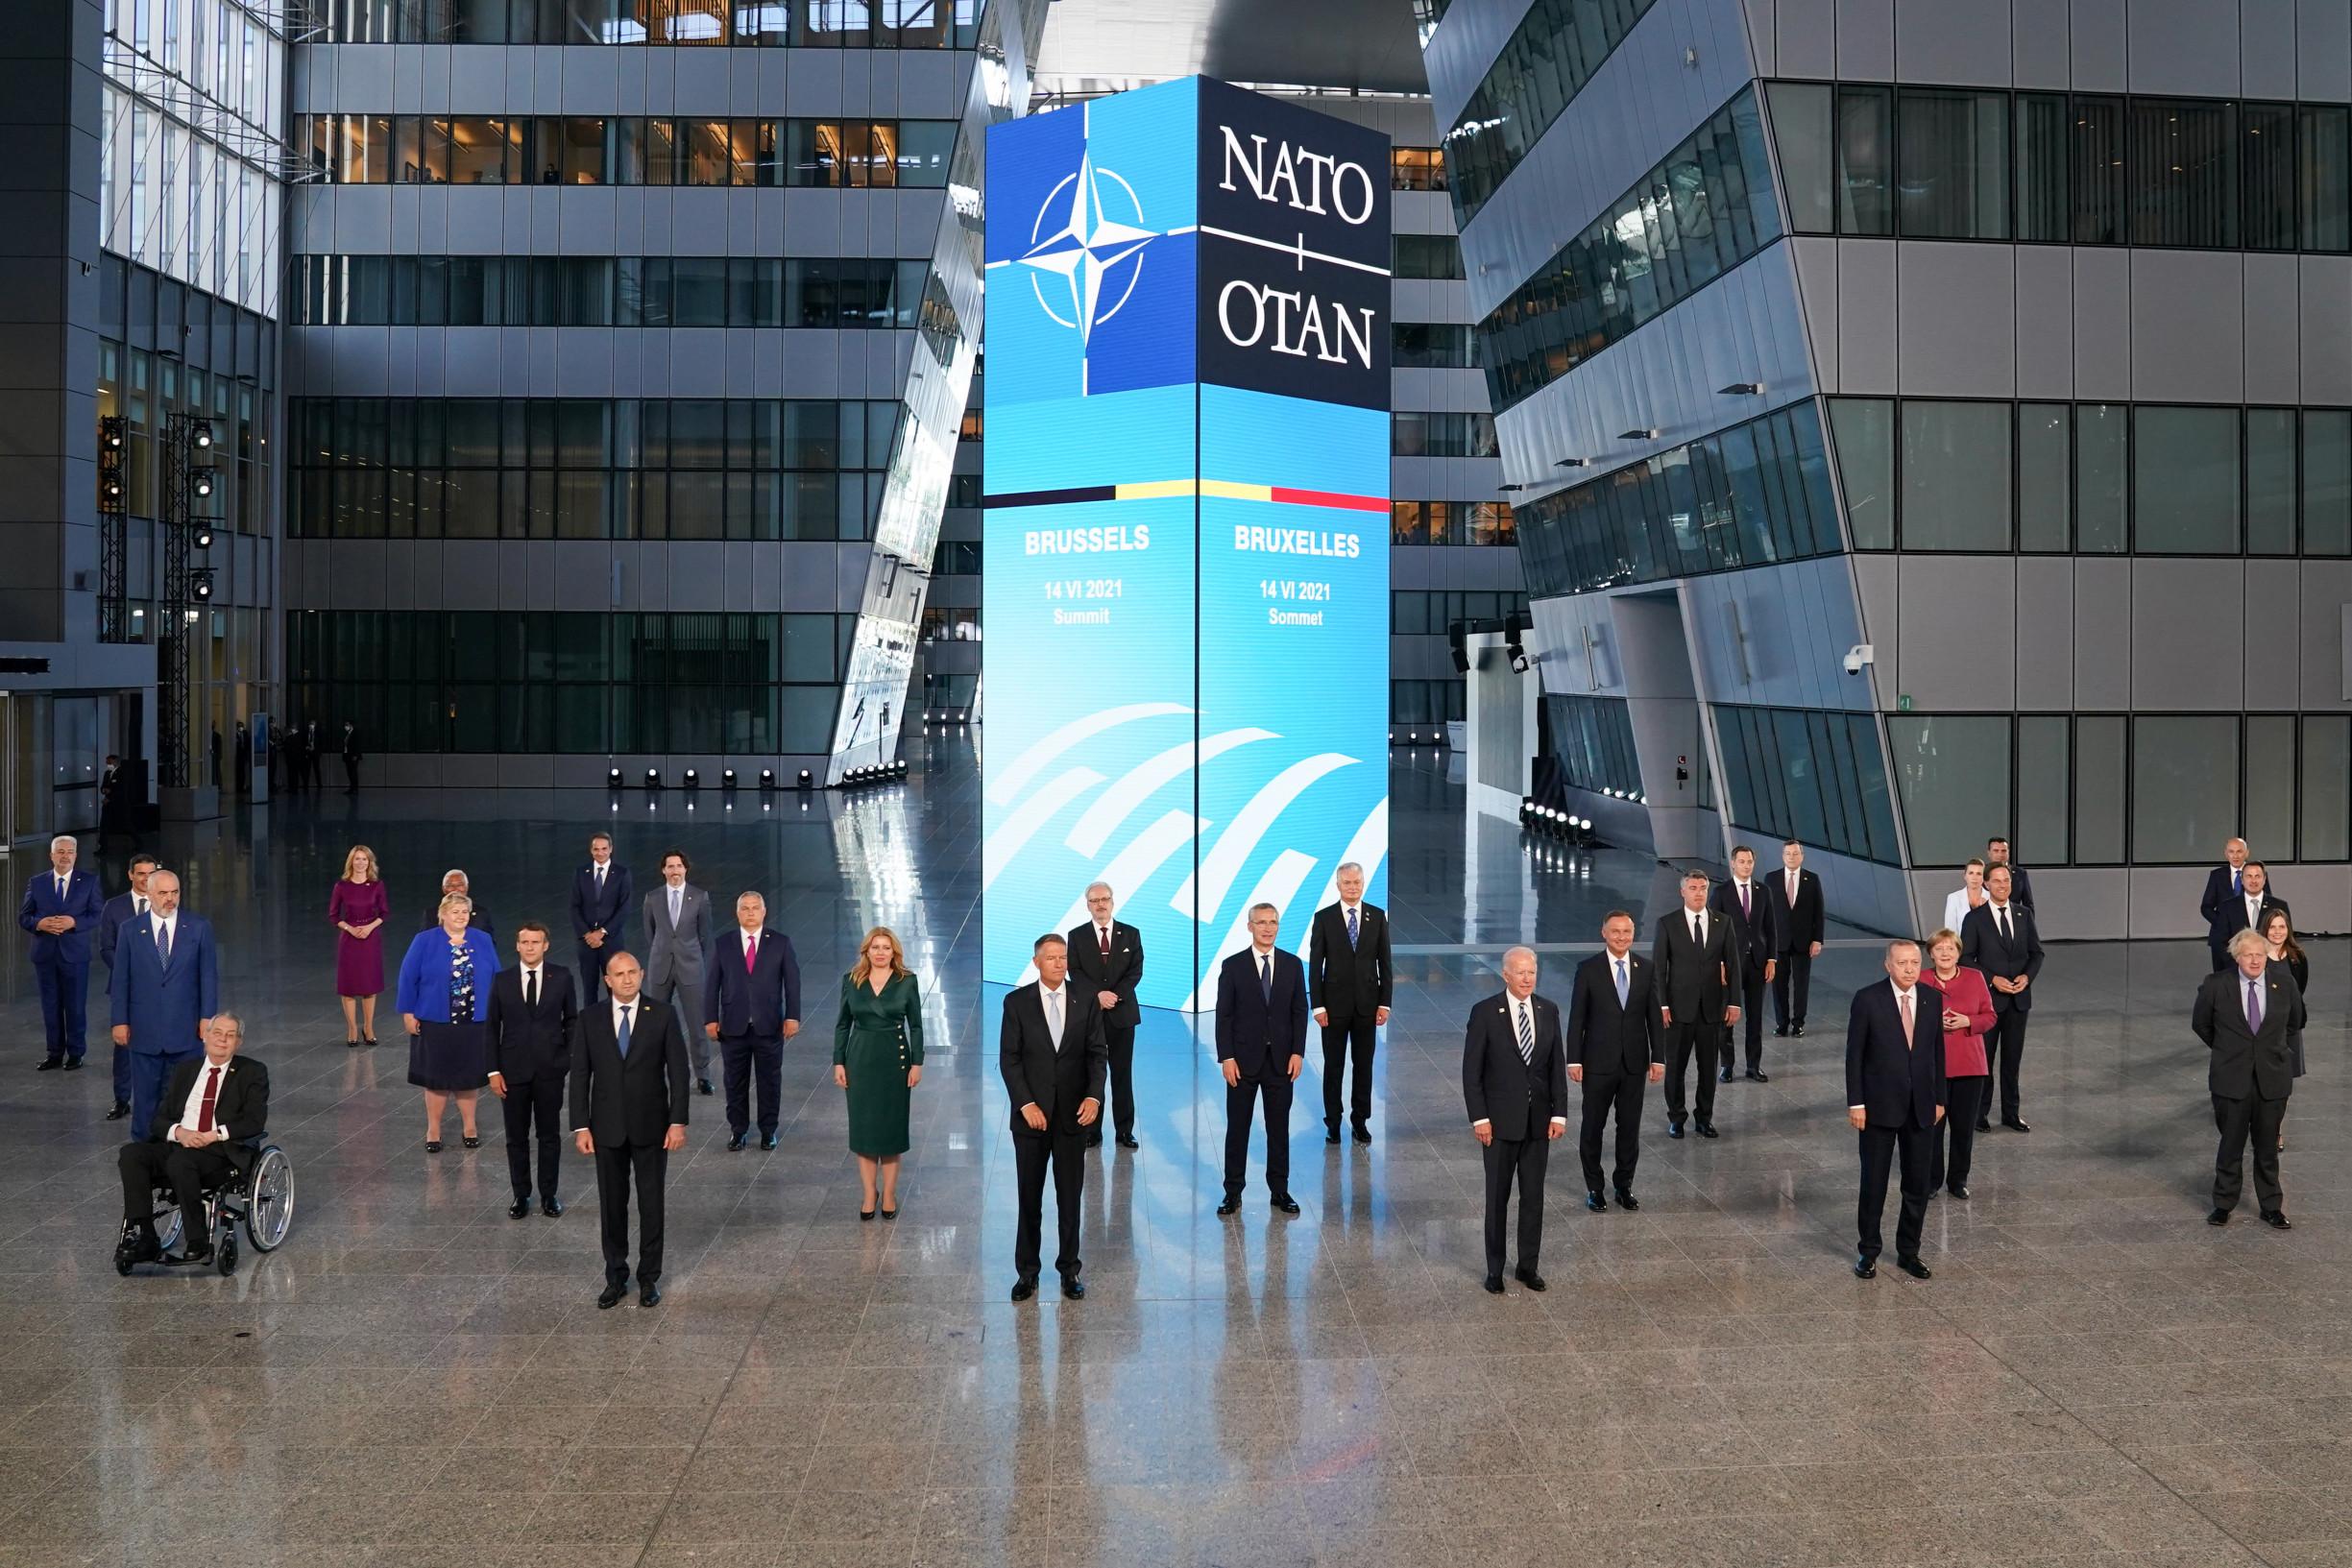 StudioN: Ukrajina chce NATO, NATO zase Ukrajinu. Proč to zatím nejde?